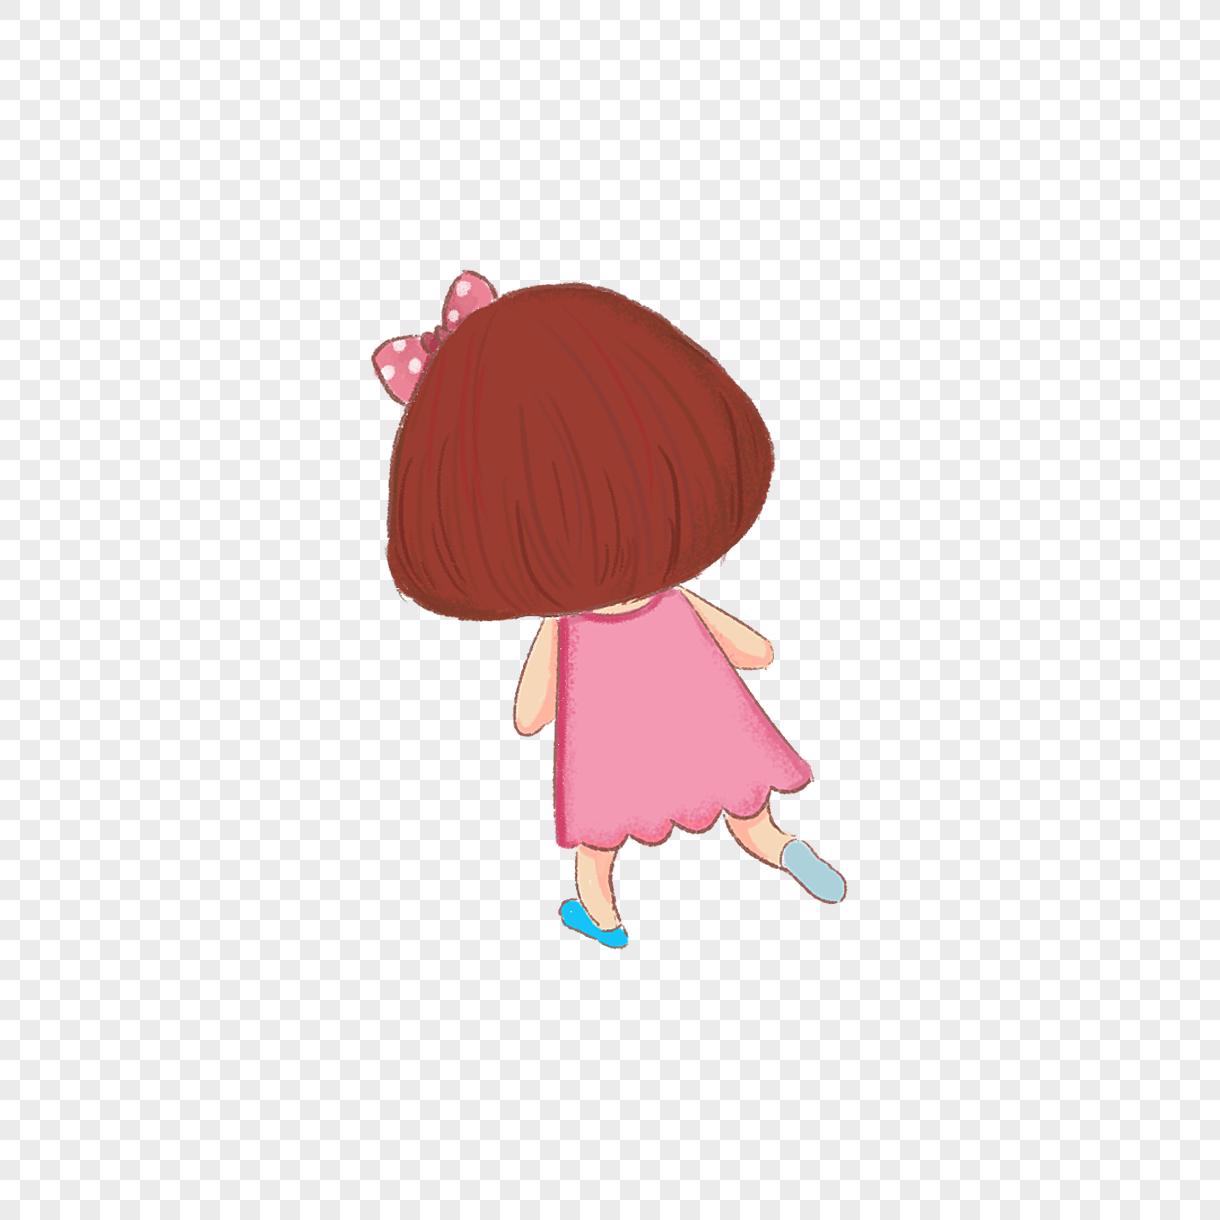 图片 素材 手绘/卡通元素 可爱女孩背影.